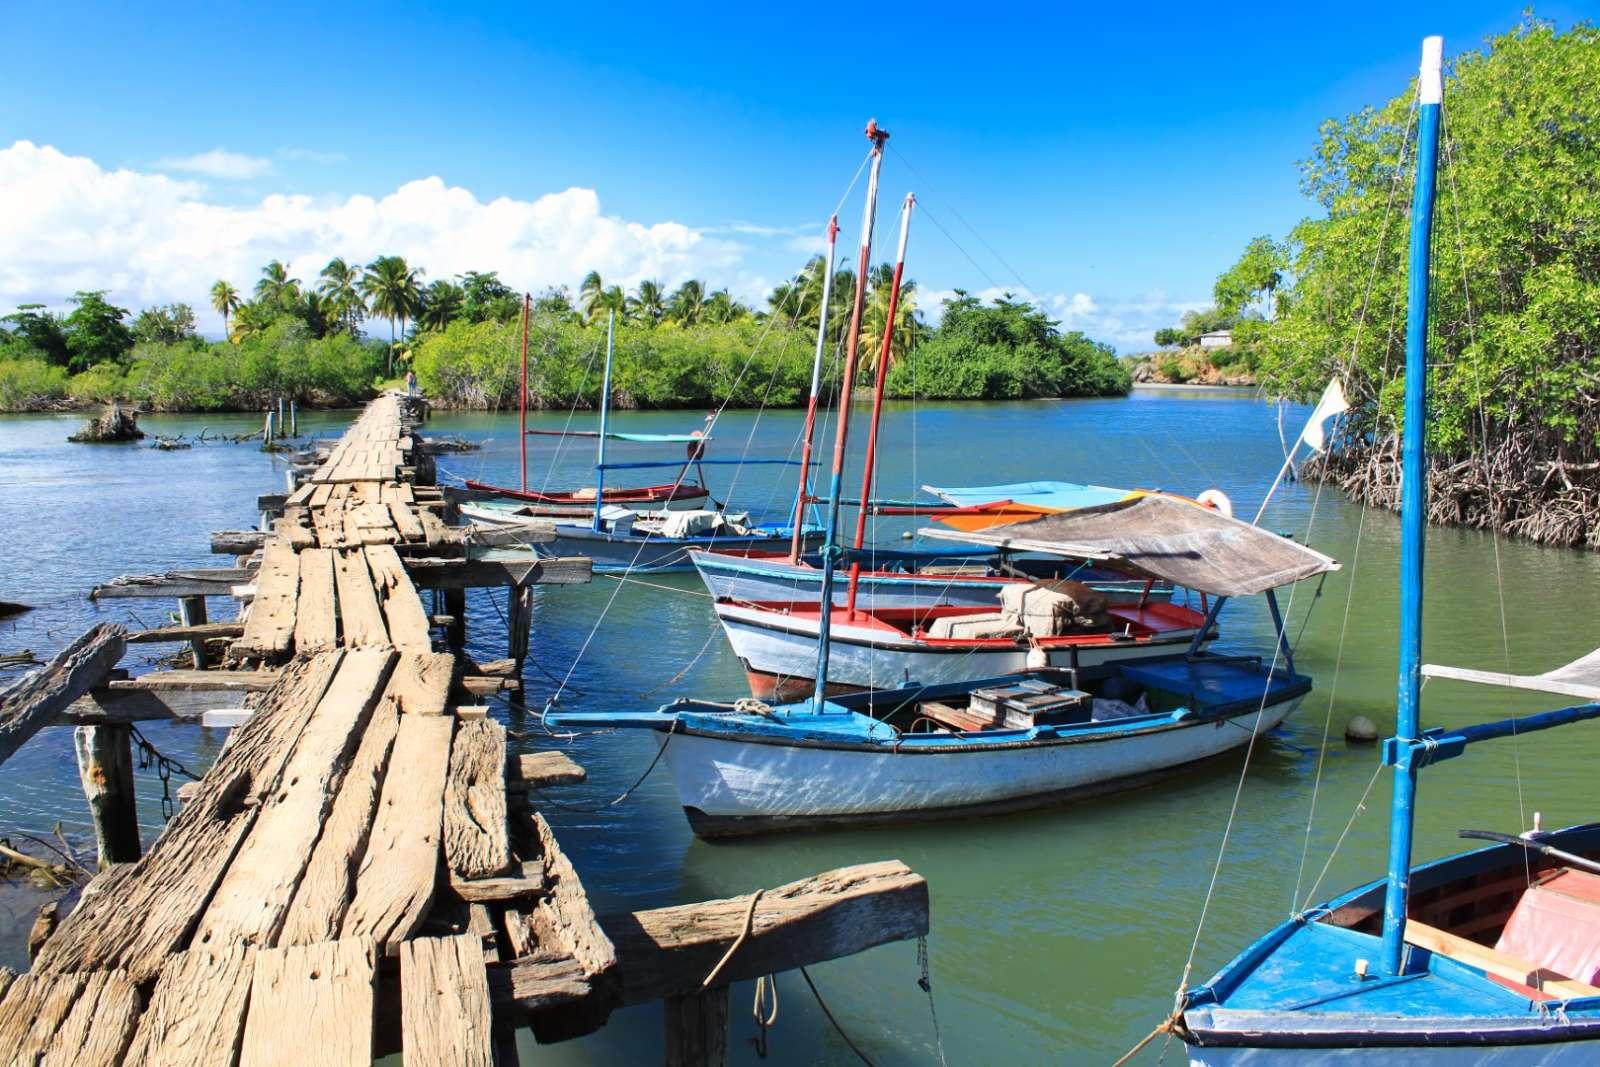 Small fishing boats near Baracoa in Cuba